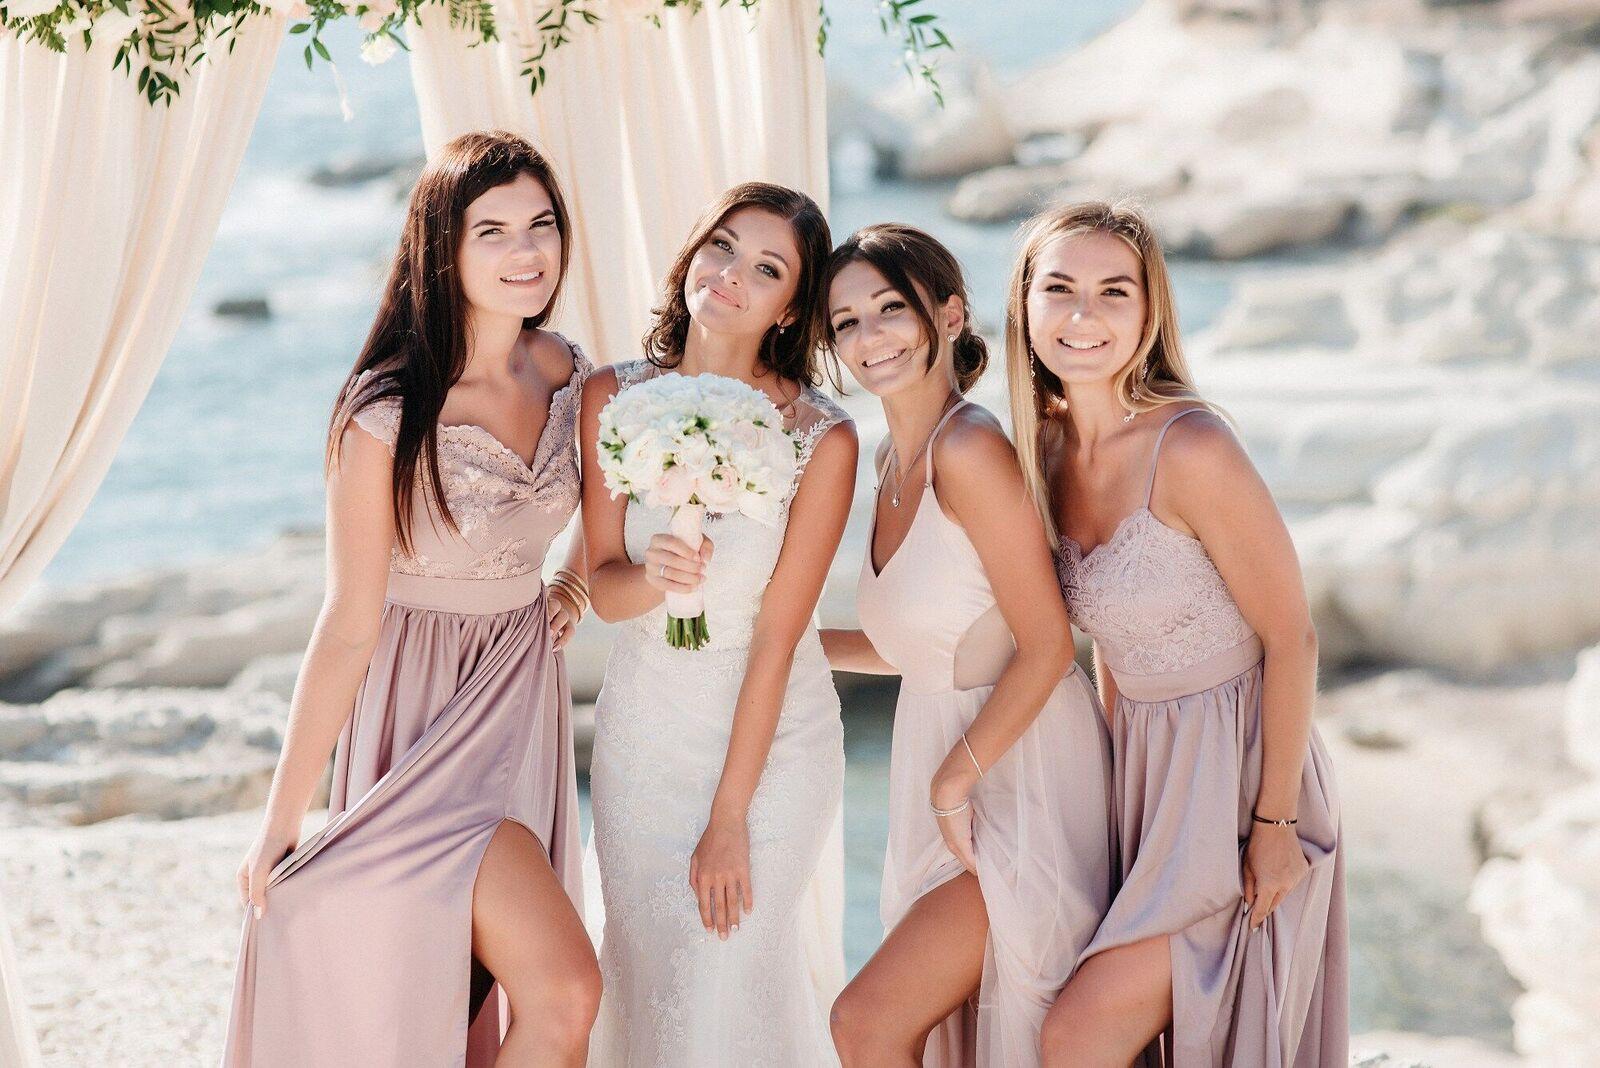 нужны ли подружки невесты на свадьбе